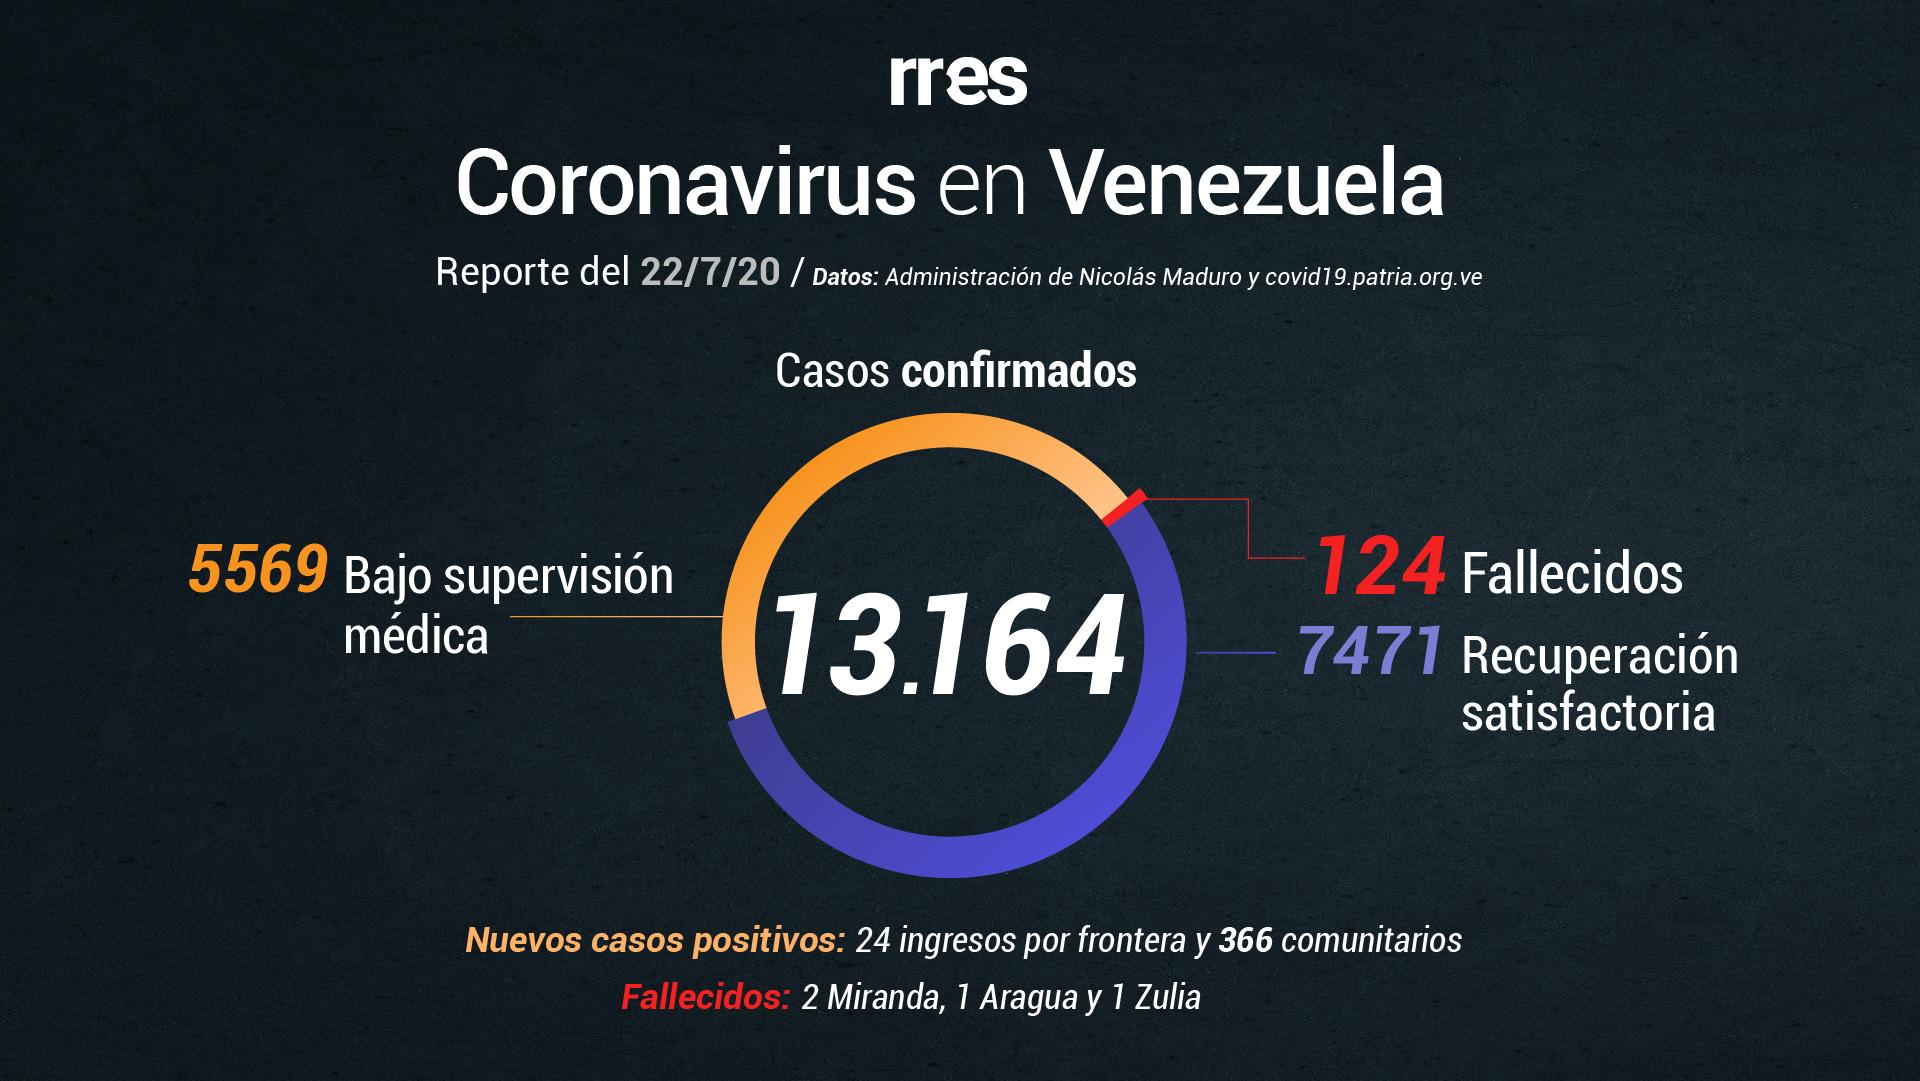 Venezuela reporta 4 muertes por COVID-19 y supera los 13.000 casos este #22Jul